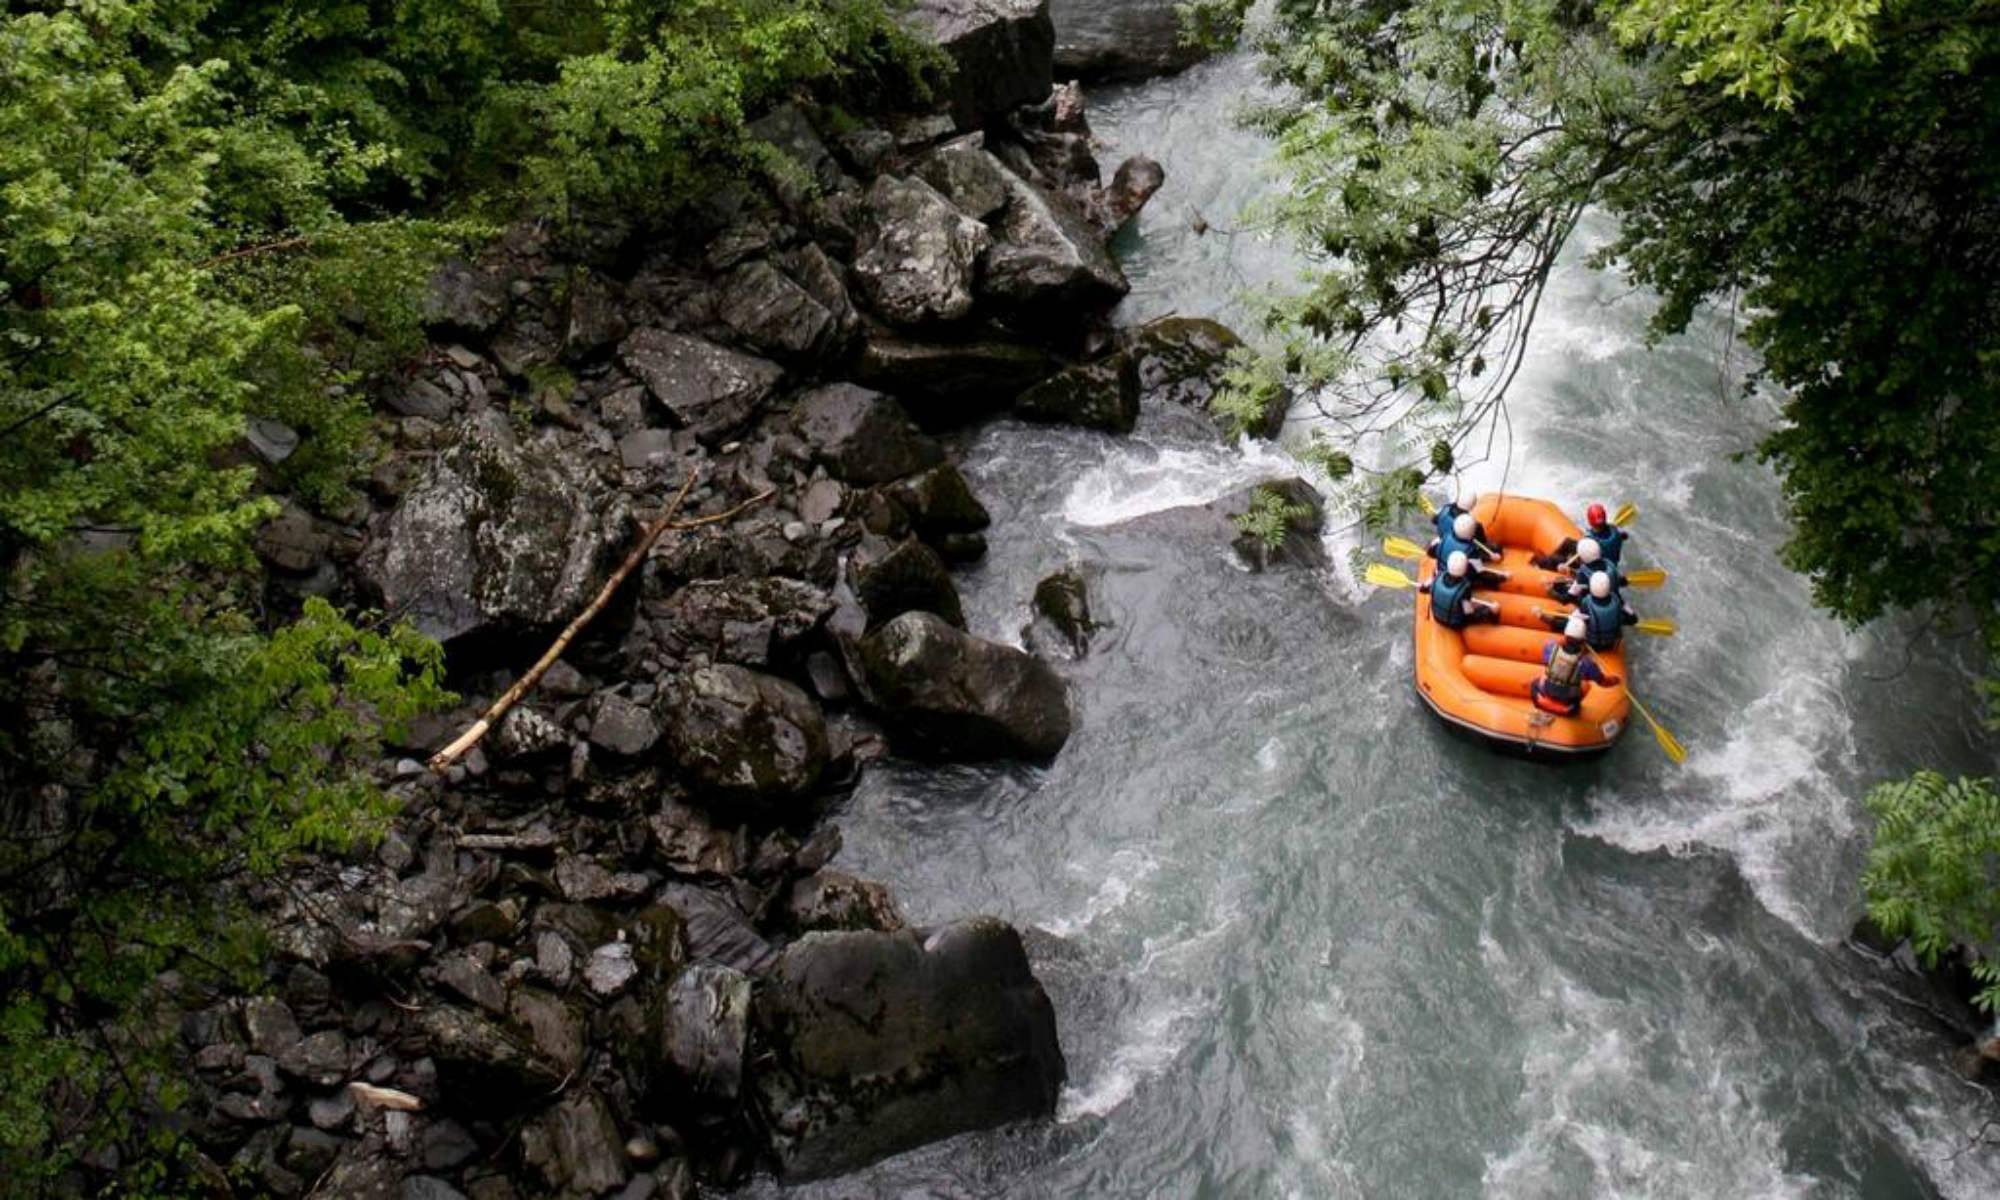 Un raft supera un passaggio stretto del fiume sulla Dora Baltea.